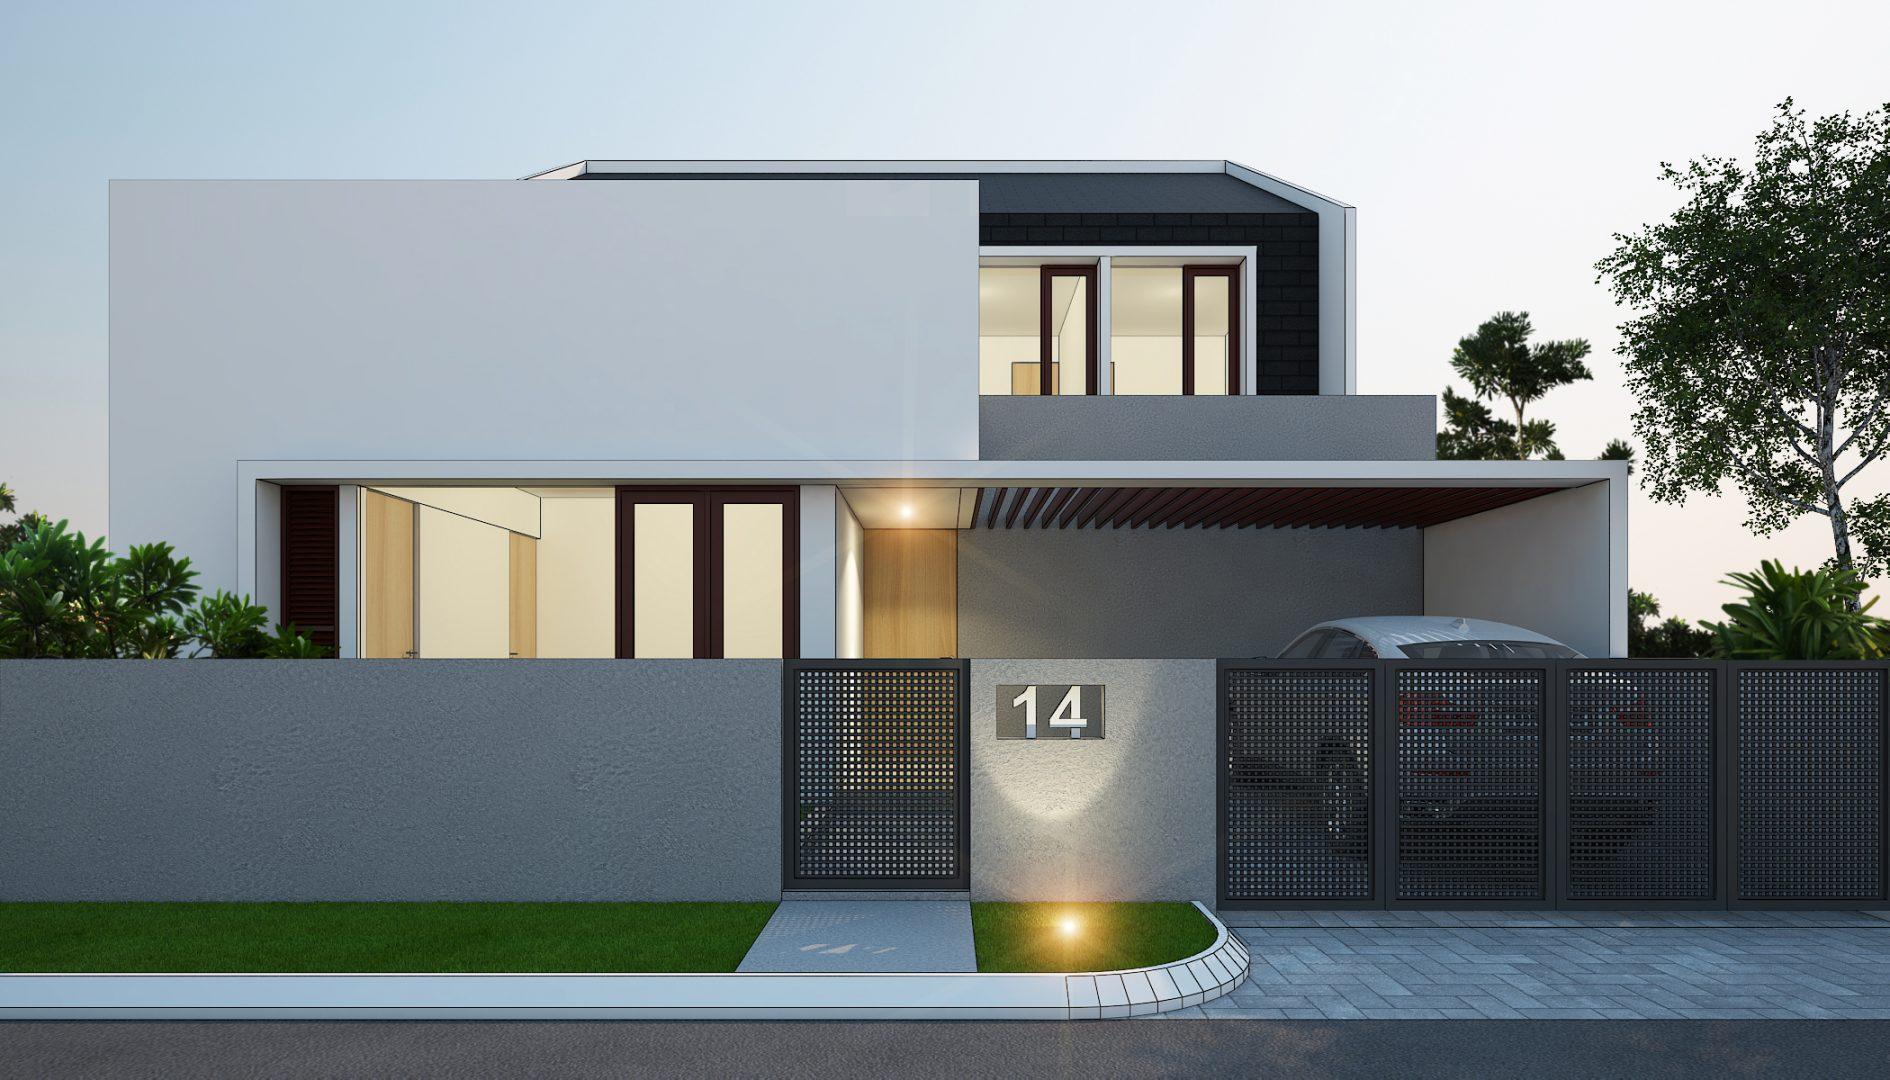 2015-A14-HOUSE-003